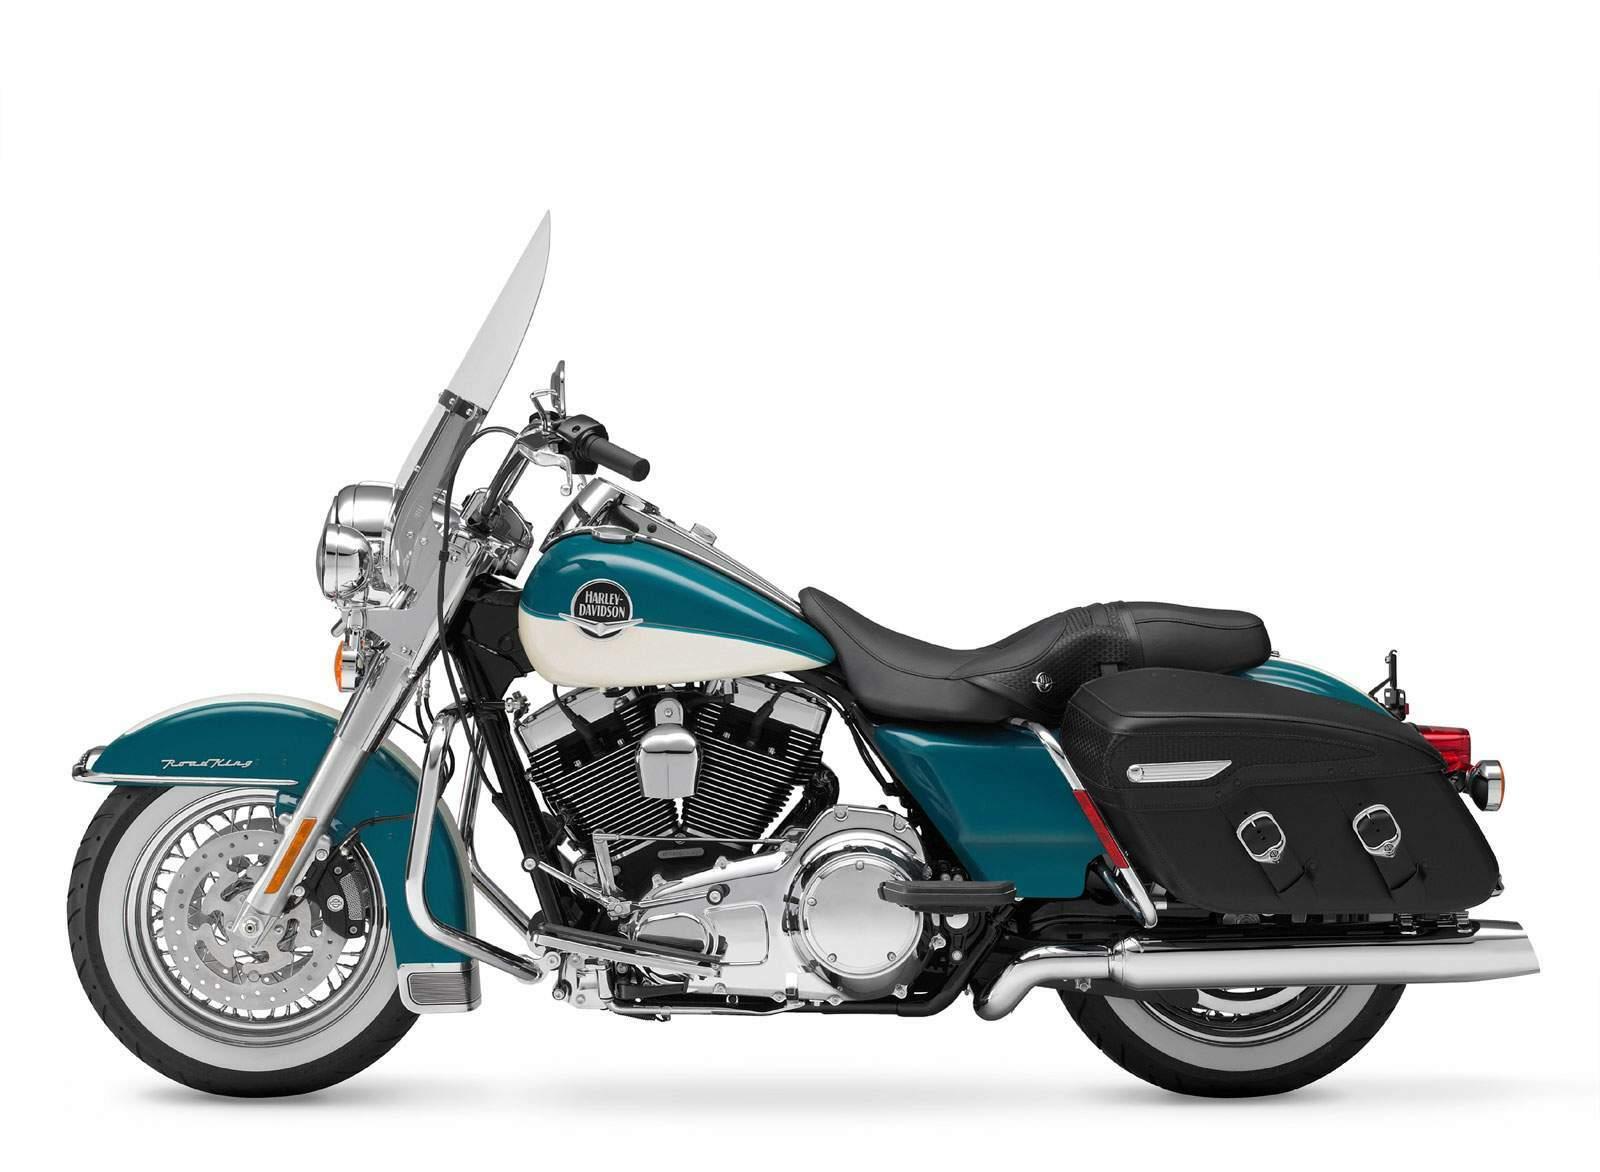 2009 Harley Road King Classic Off 58 Www Abrafiltros Org Br